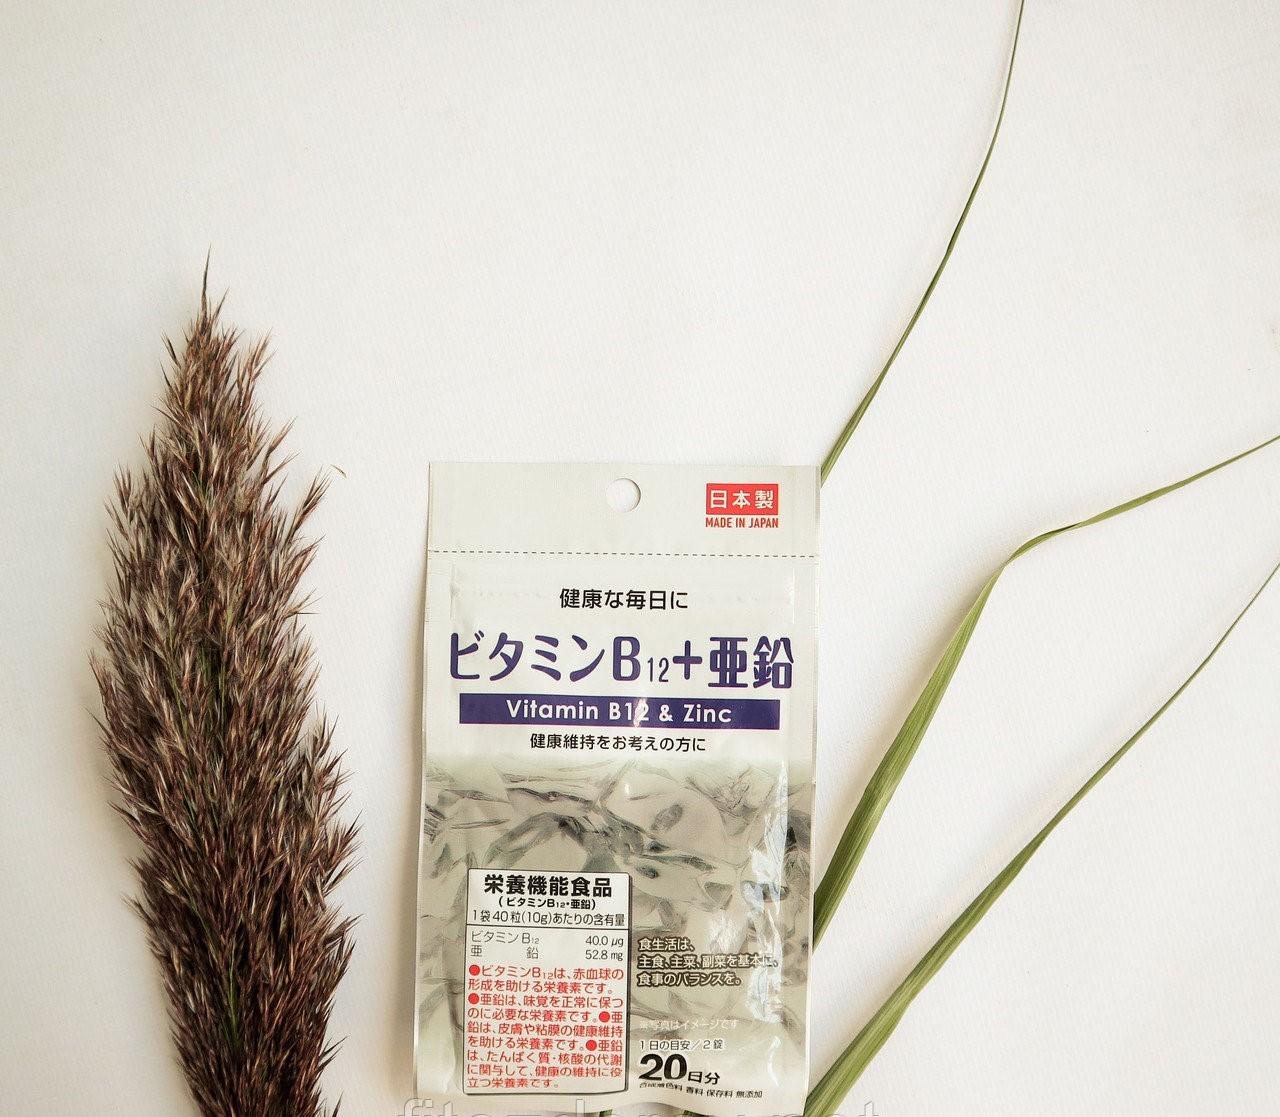 Цинк B12  Vitamin B12 s Zinc Япония 1 уп(р) — фото №1